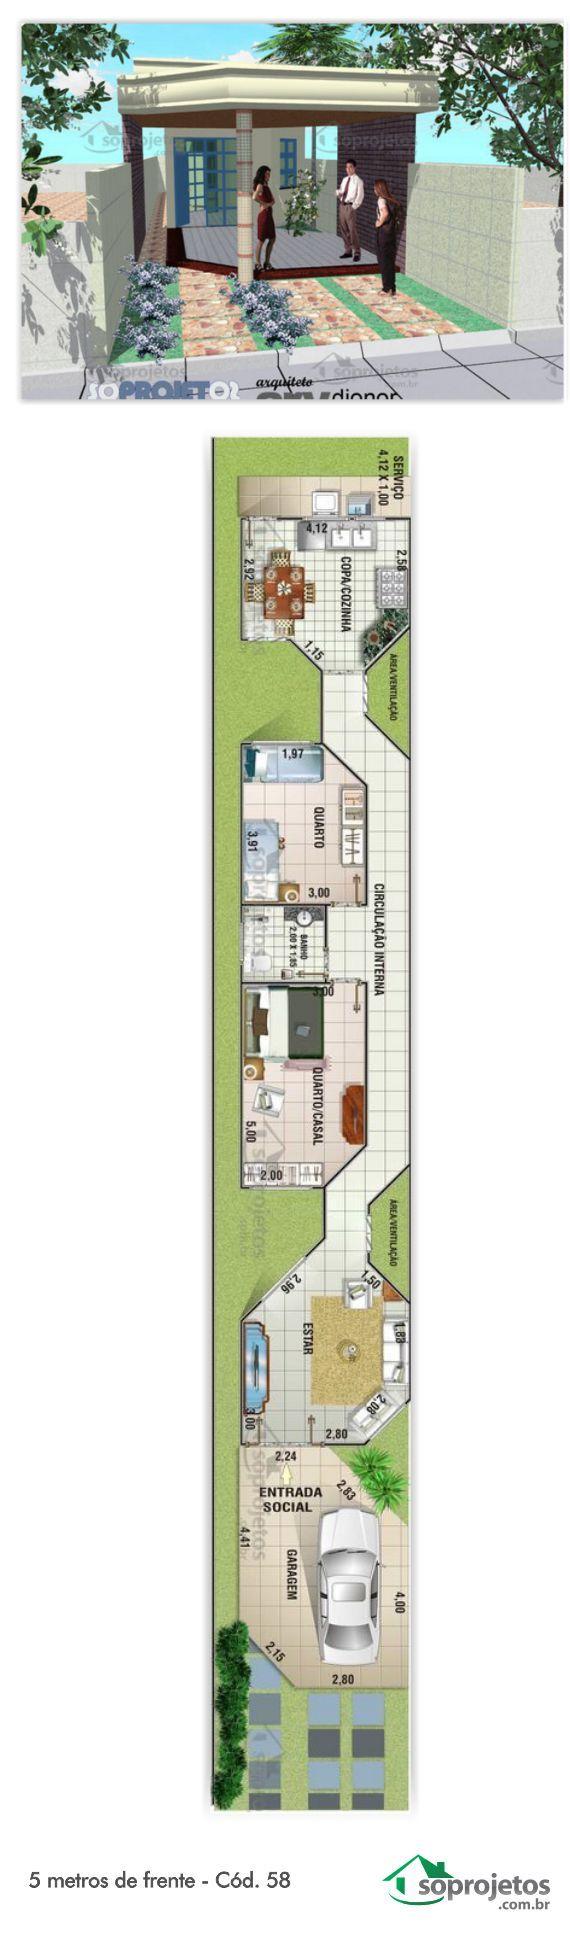 Projeto de casa com 2 dormitórios. Sala de estar e um amplo banheiro. Cozinha com copa para almoço diário. Possui garagem para 1 veículo, com área de 22 m² Área ajardinada na frente da casa.